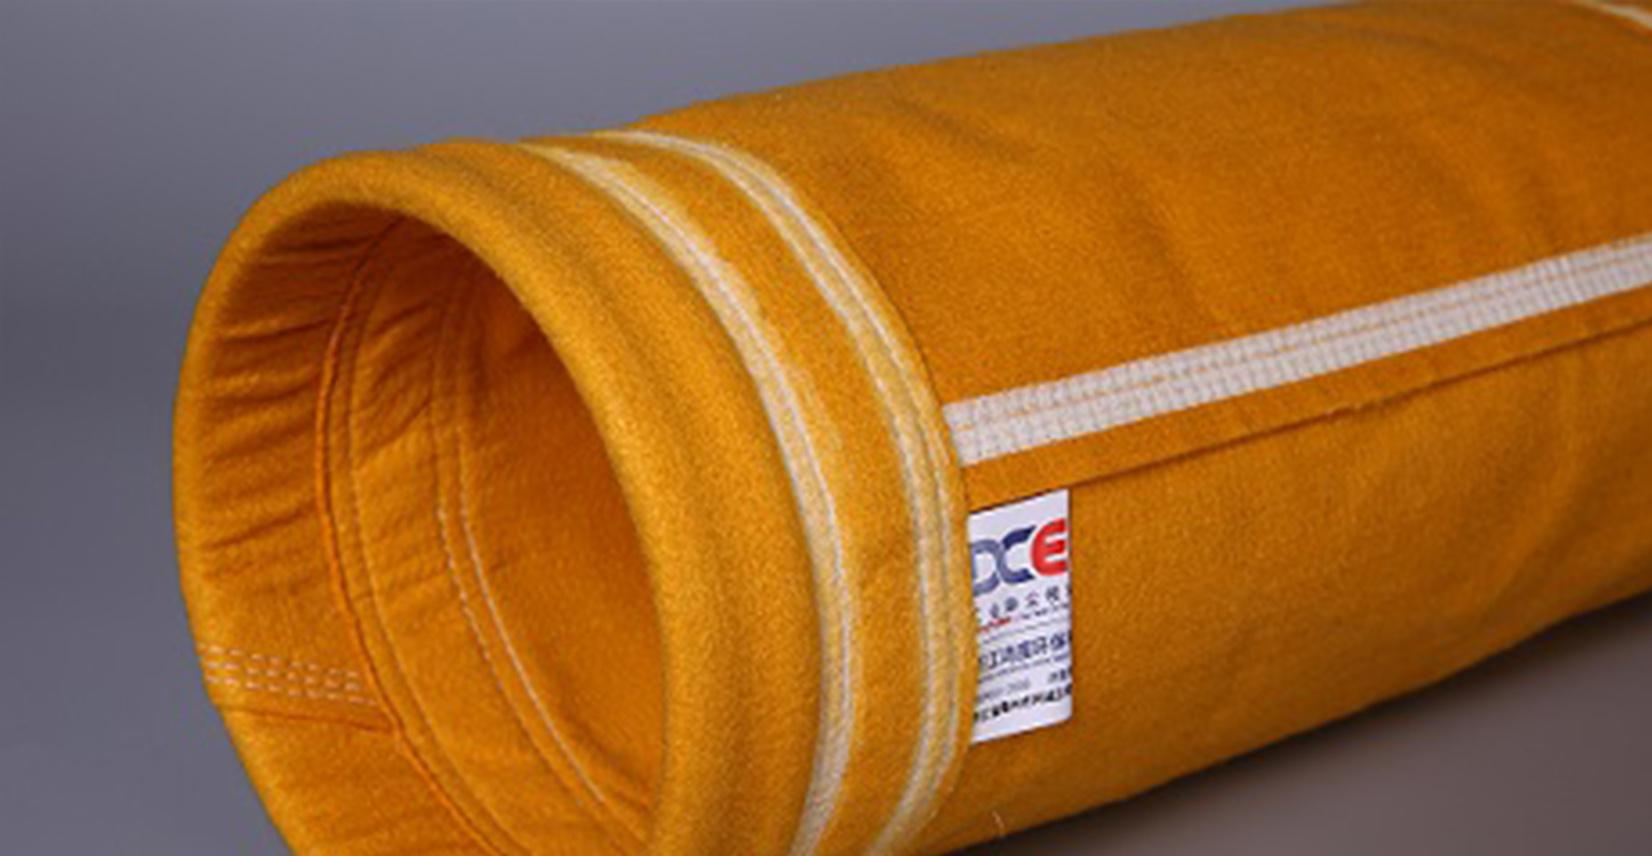 布袋除尘器的进气口位置的区别